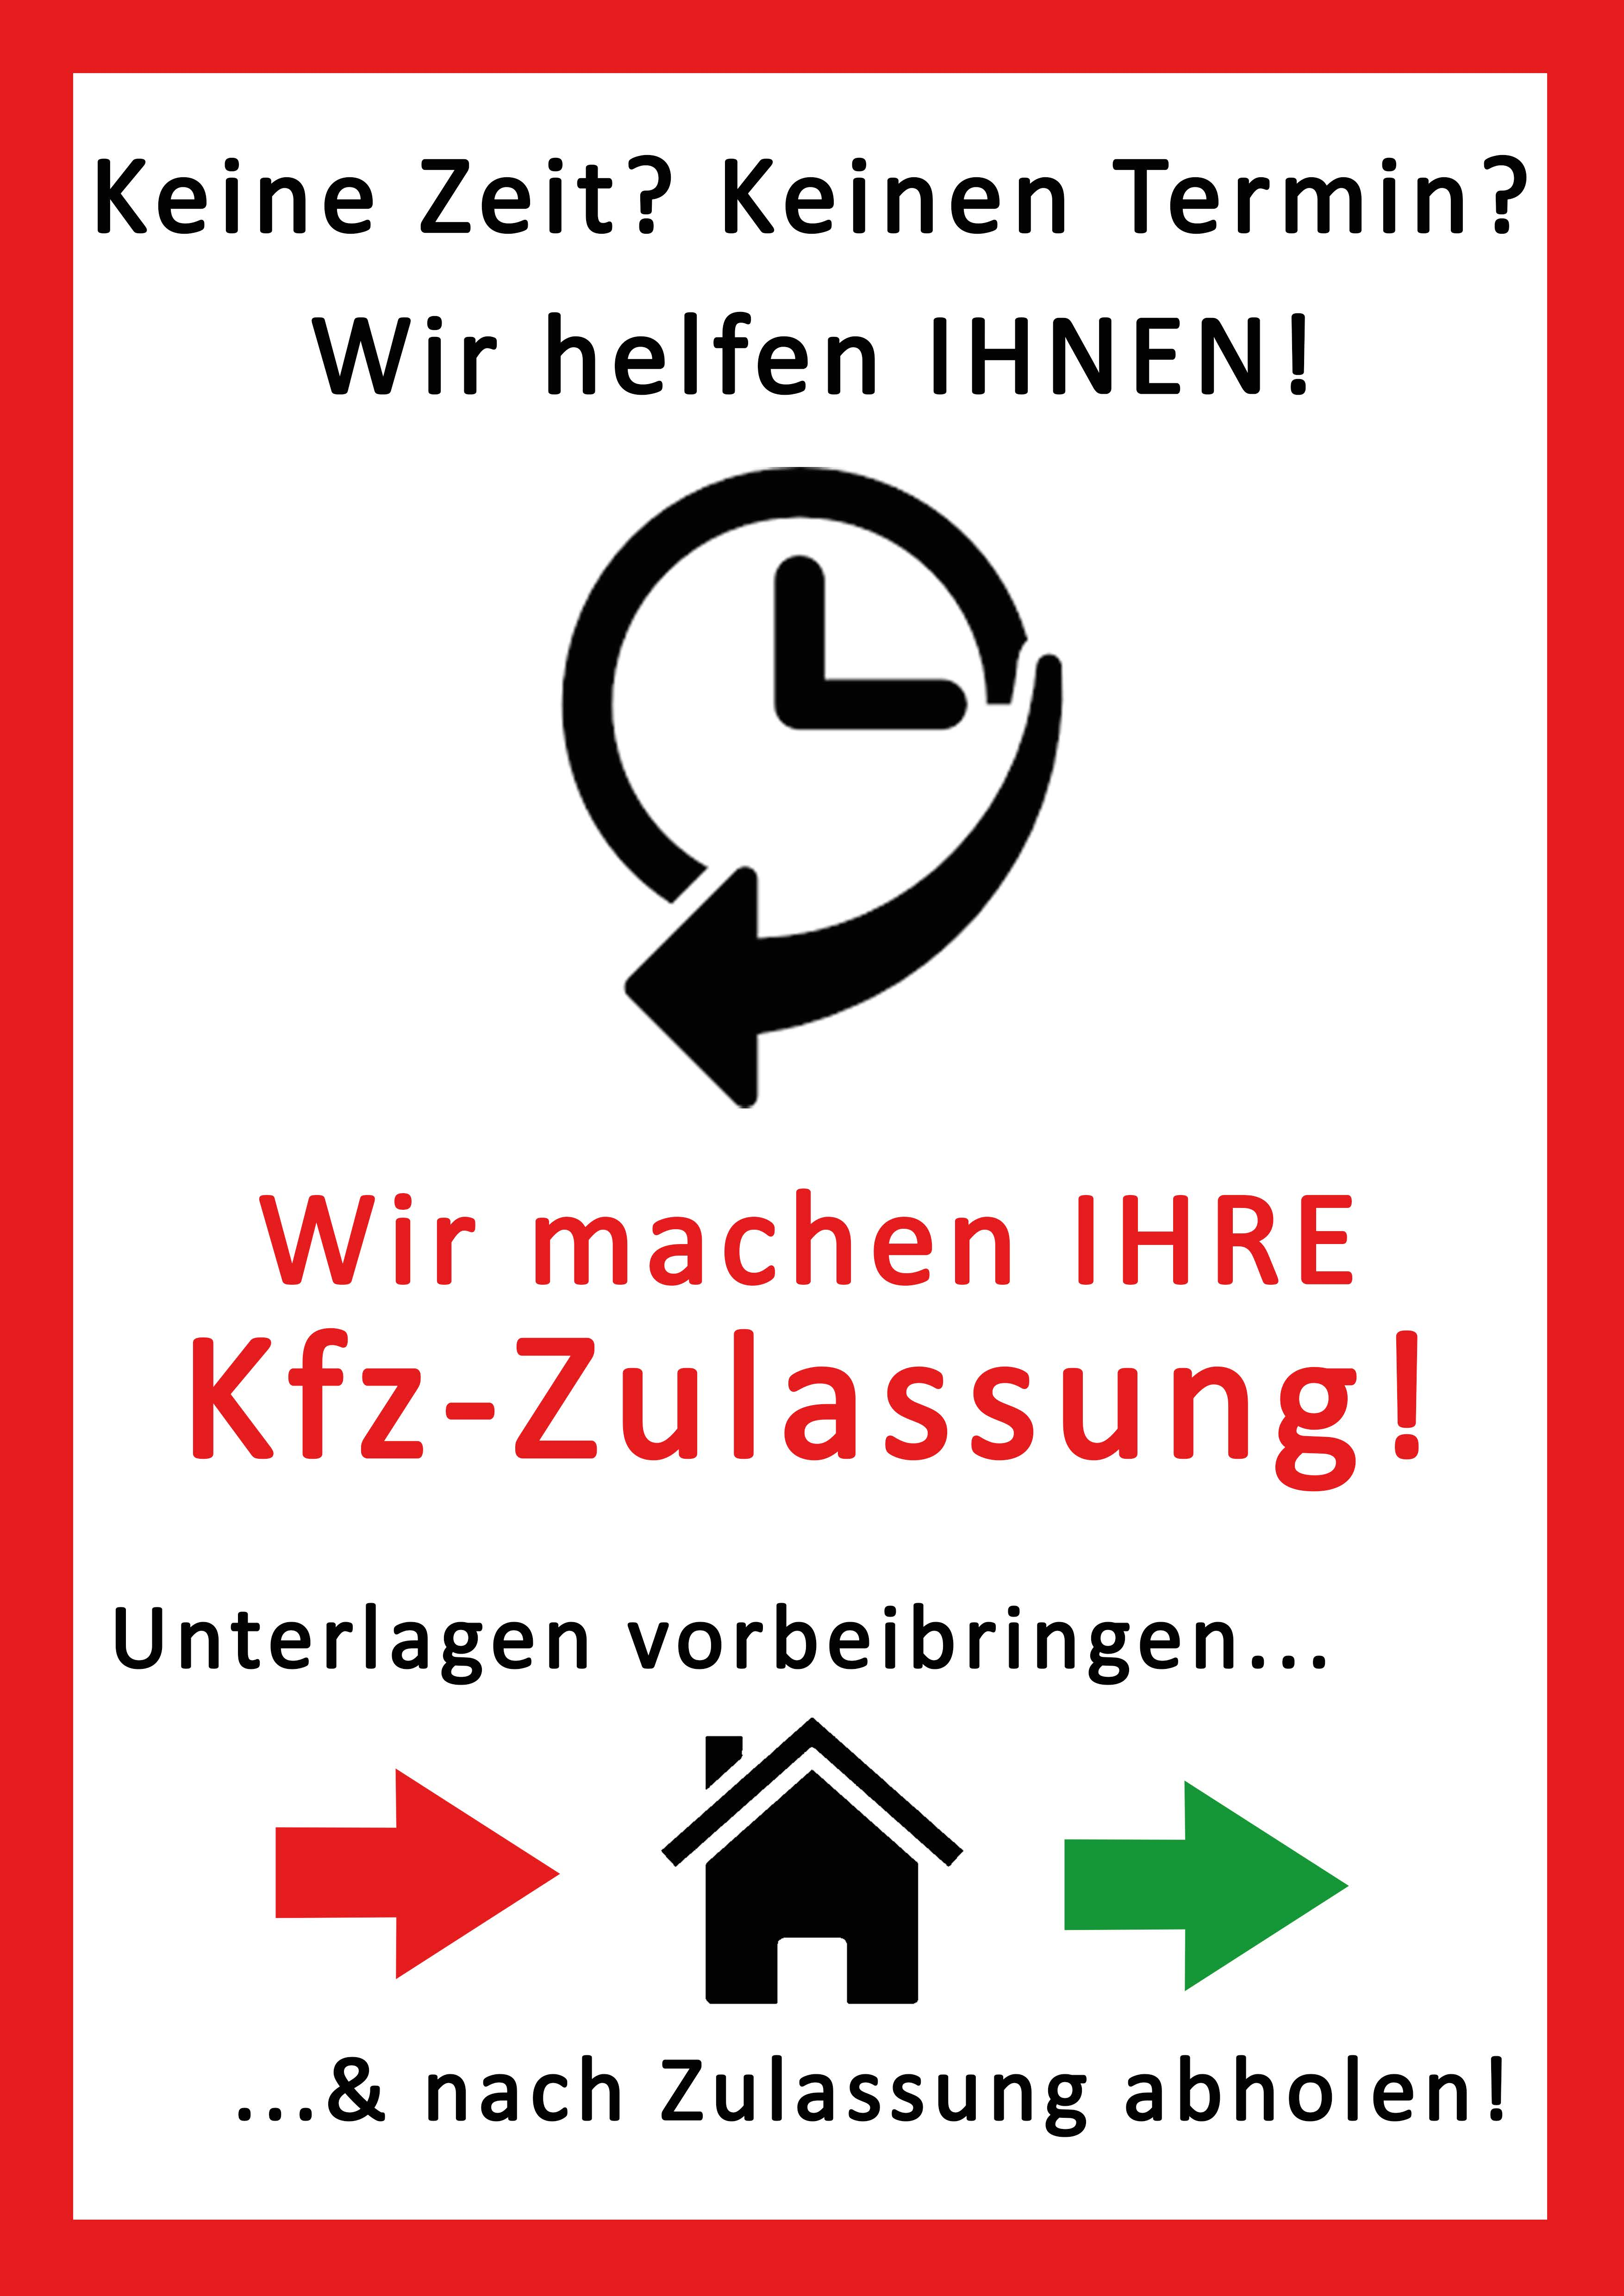 Autoschilder & Zulassungen Steininger Landau-Isar